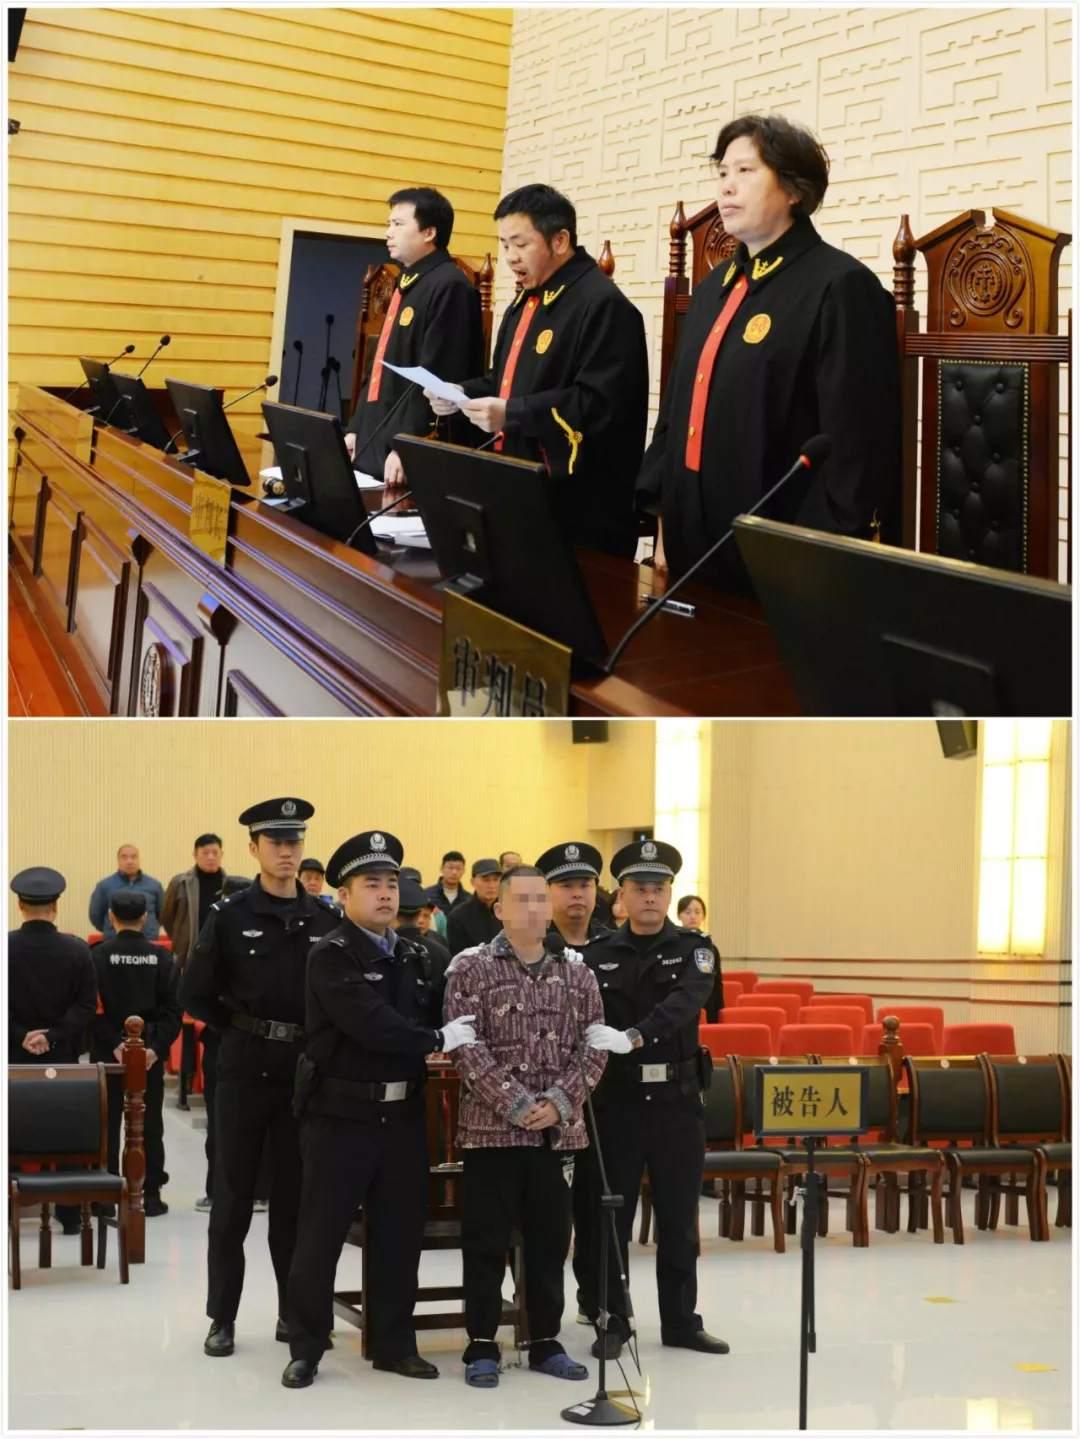 死刑!上饶五小杀人案一审宣判 新湖南www.hunanabc.com